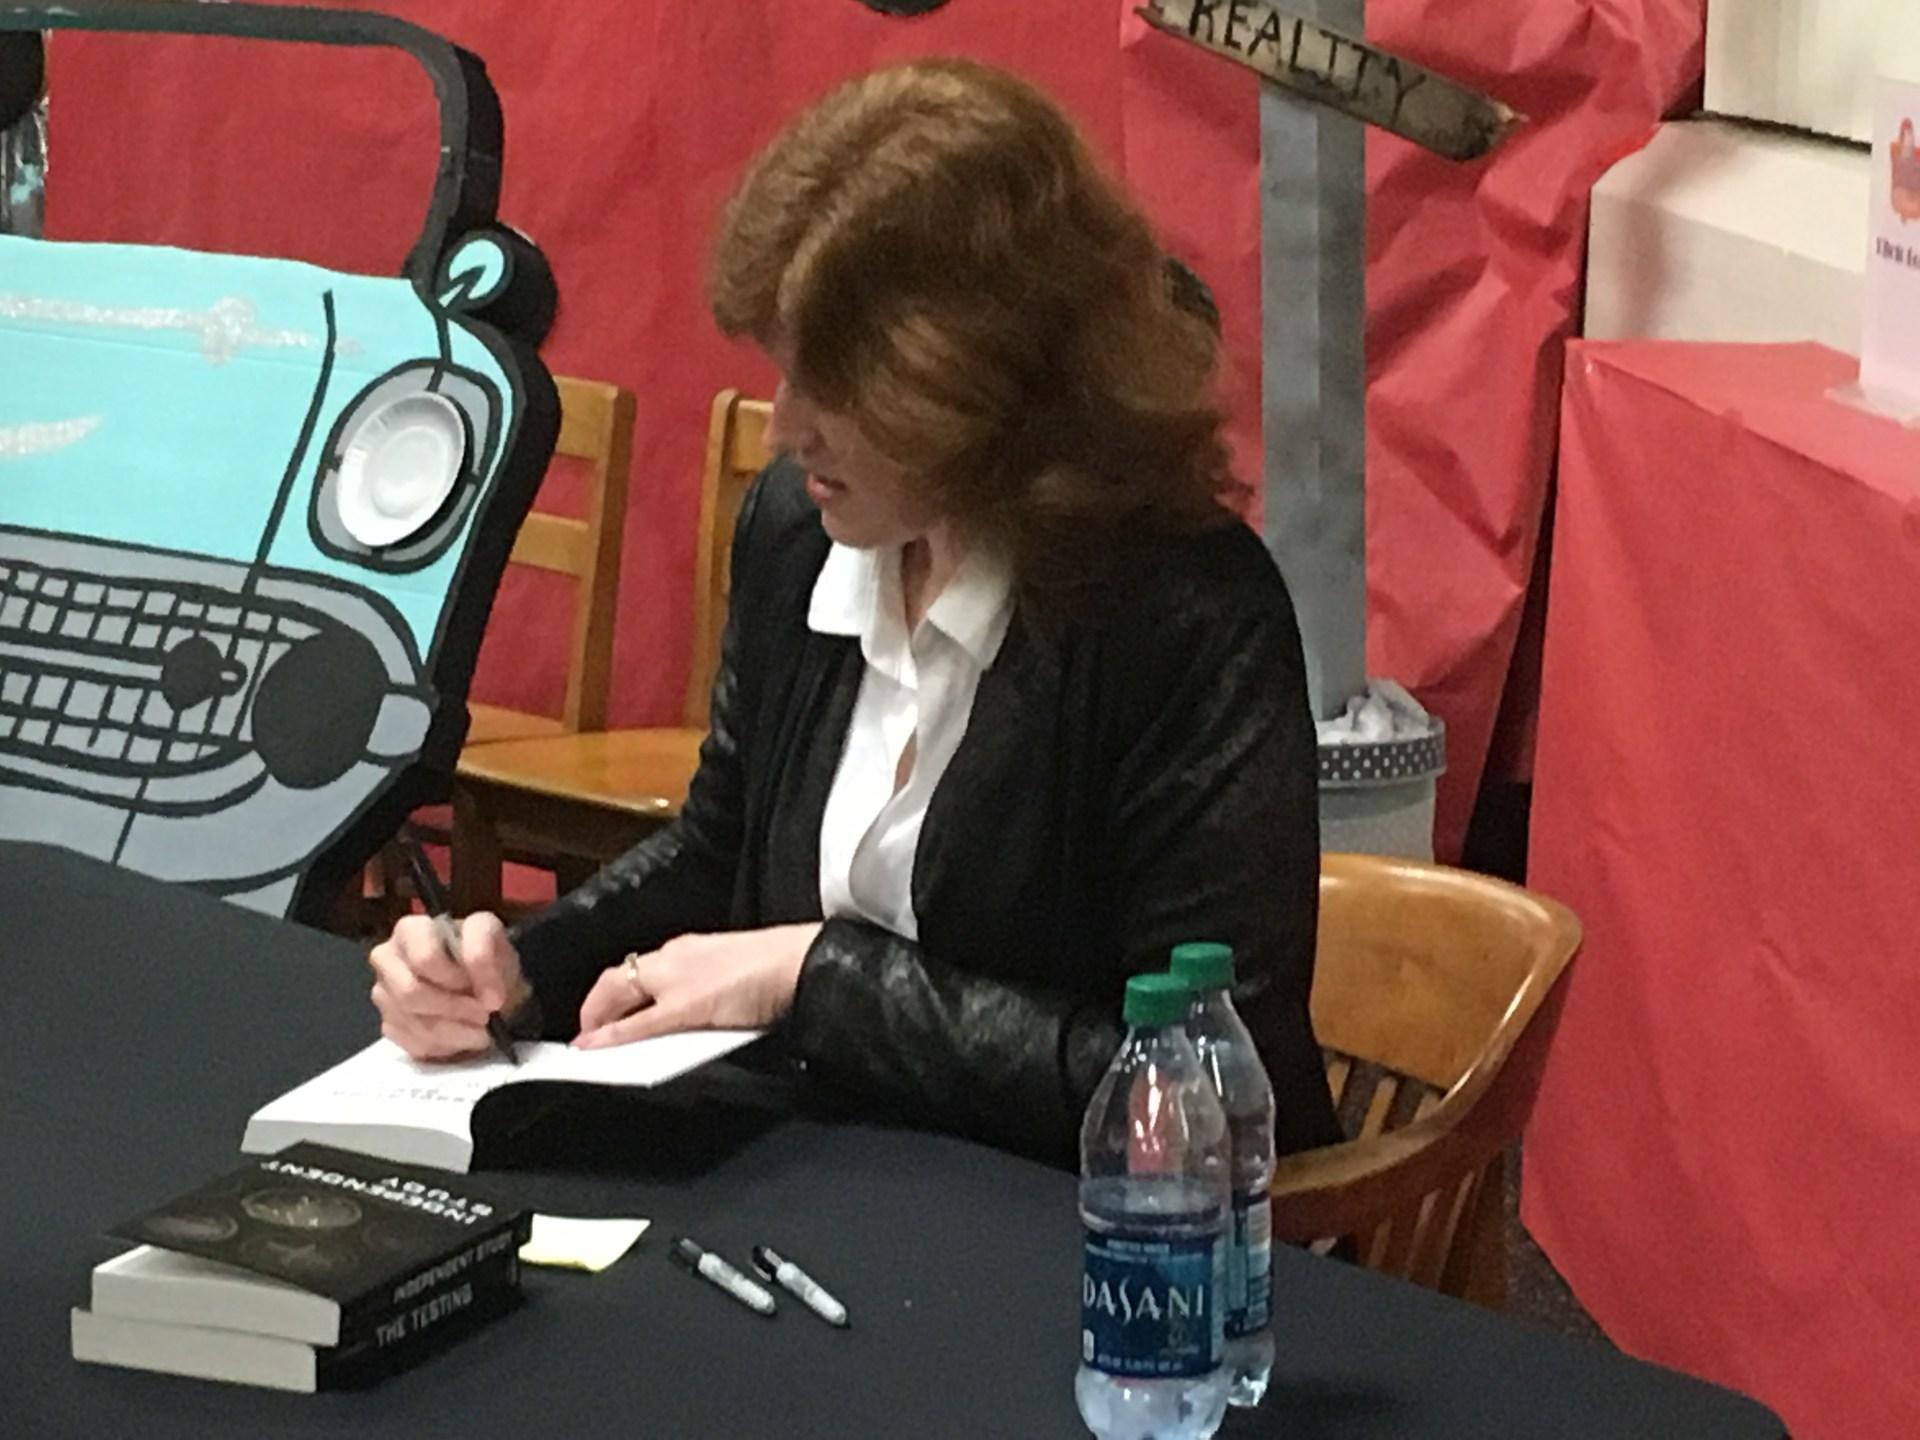 Author Joelle Charbonneau